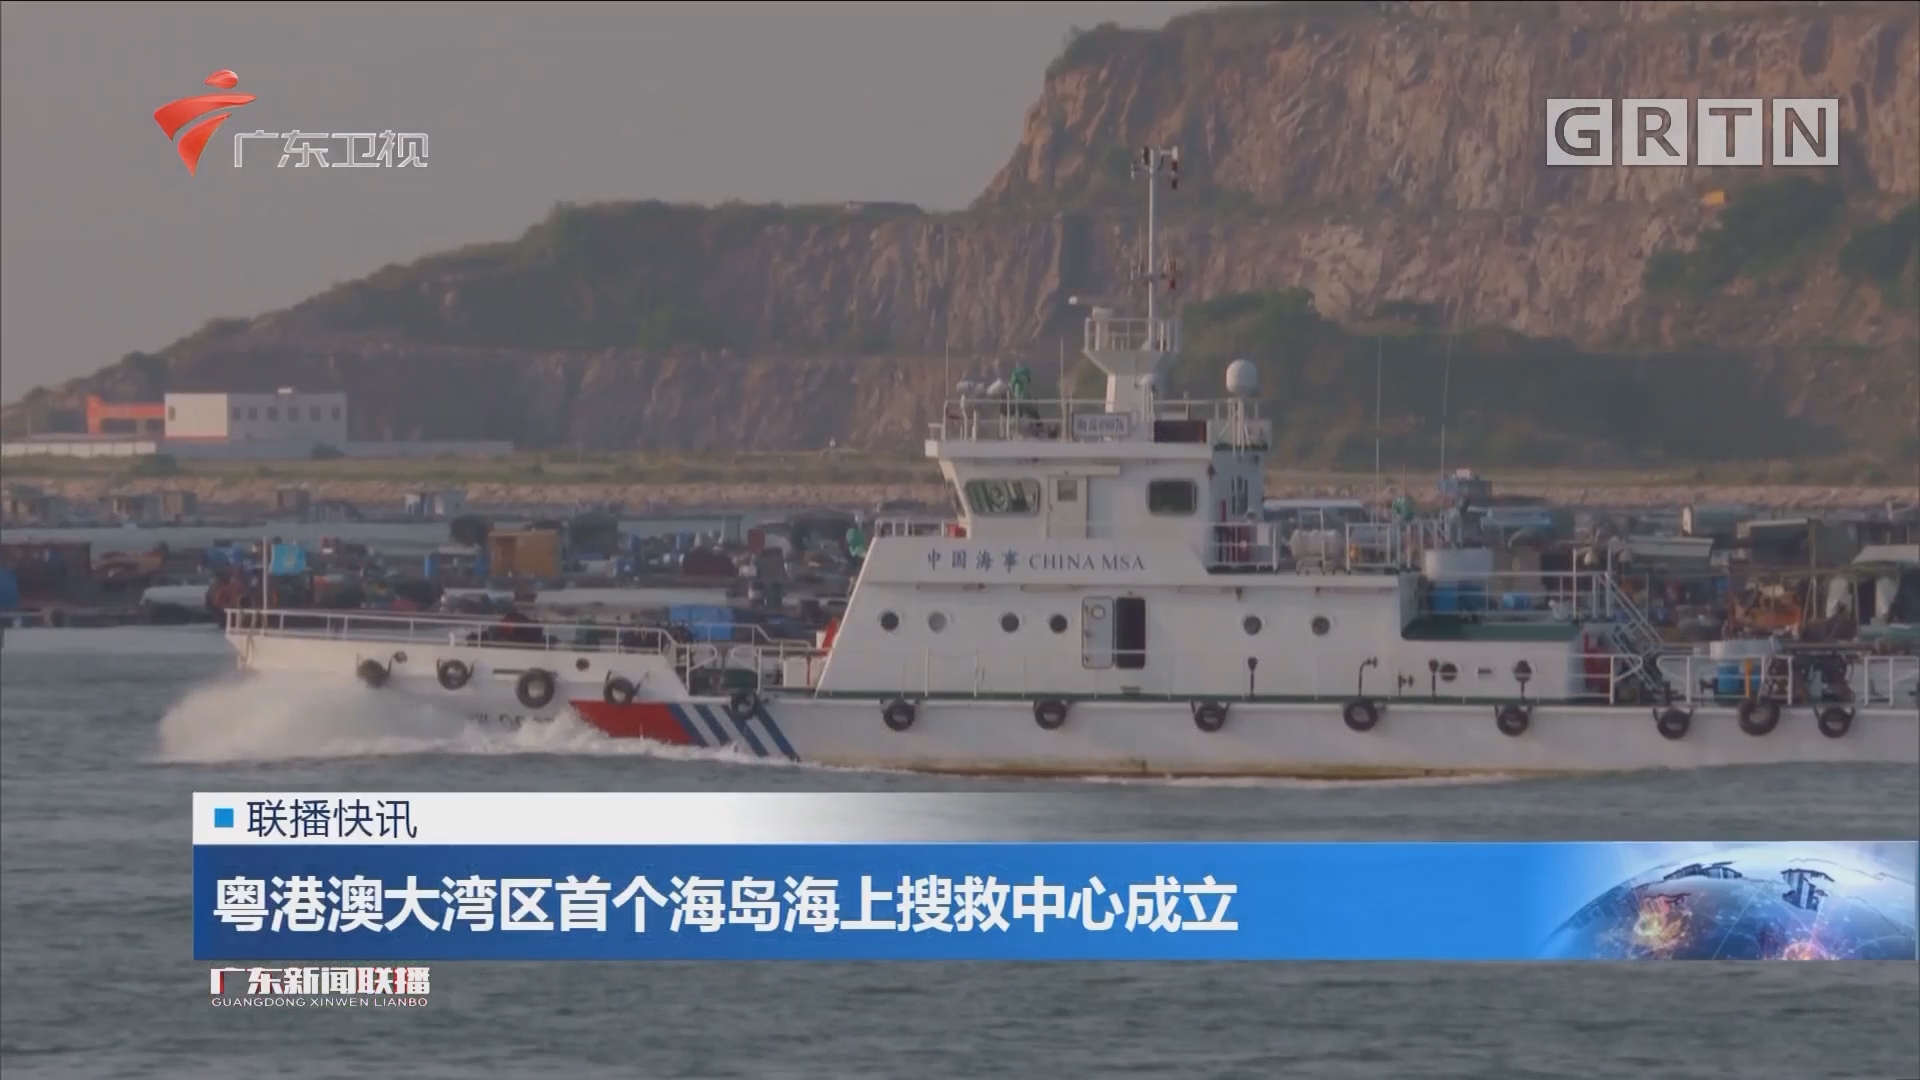 粤港澳大湾区首个海岛海上搜救中心成立